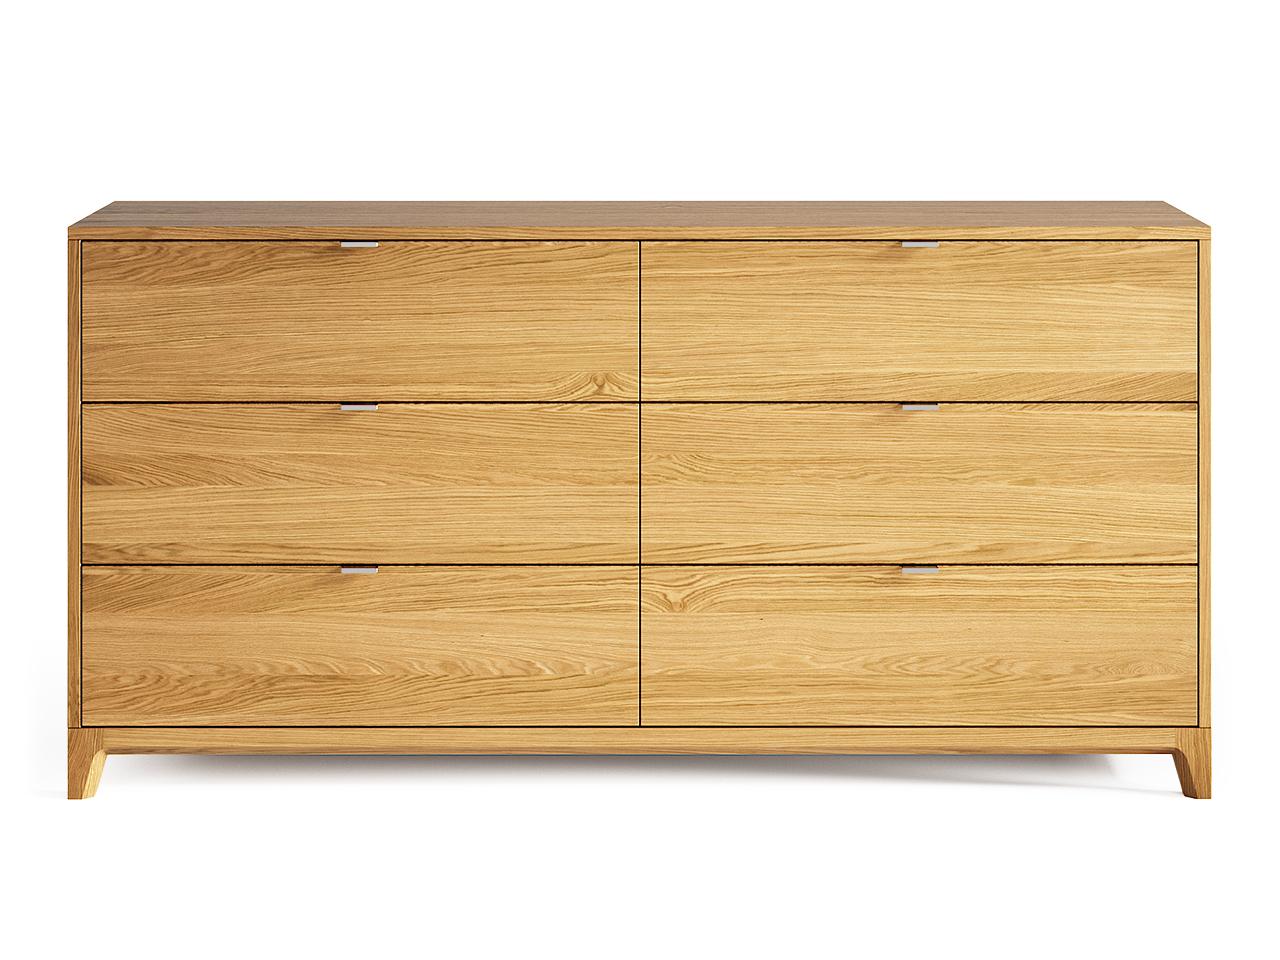 Комод Case №3 (Натуральный дуб)Бельевые комоды<br>&amp;lt;div&amp;gt;Комод CASE #3 с шестью выдвижными ящиками отлично подойдет для организации хранения вещей в спальне, но также может быть использован в гостиной и других помещениях. У комода увеличенная глубина 450 мм, дно ящиков выполнено из ДСП 16 мм, обладающего высоким запасом прочности.&amp;lt;br&amp;gt;&amp;lt;/div&amp;gt;&amp;lt;div&amp;gt;&amp;lt;br&amp;gt;&amp;lt;/div&amp;gt;&amp;lt;div&amp;gt;&amp;lt;div&amp;gt;Цвет: Натуральный дуб.&amp;lt;/div&amp;gt;&amp;lt;div&amp;gt;Материал: Массив дуба, натуральный шпон дуба, МДФ, ДСП, лак.&amp;lt;/div&amp;gt;&amp;lt;/div&amp;gt;<br><br>Material: Дуб<br>Ширина см: 160<br>Высота см: 80<br>Глубина см: 45